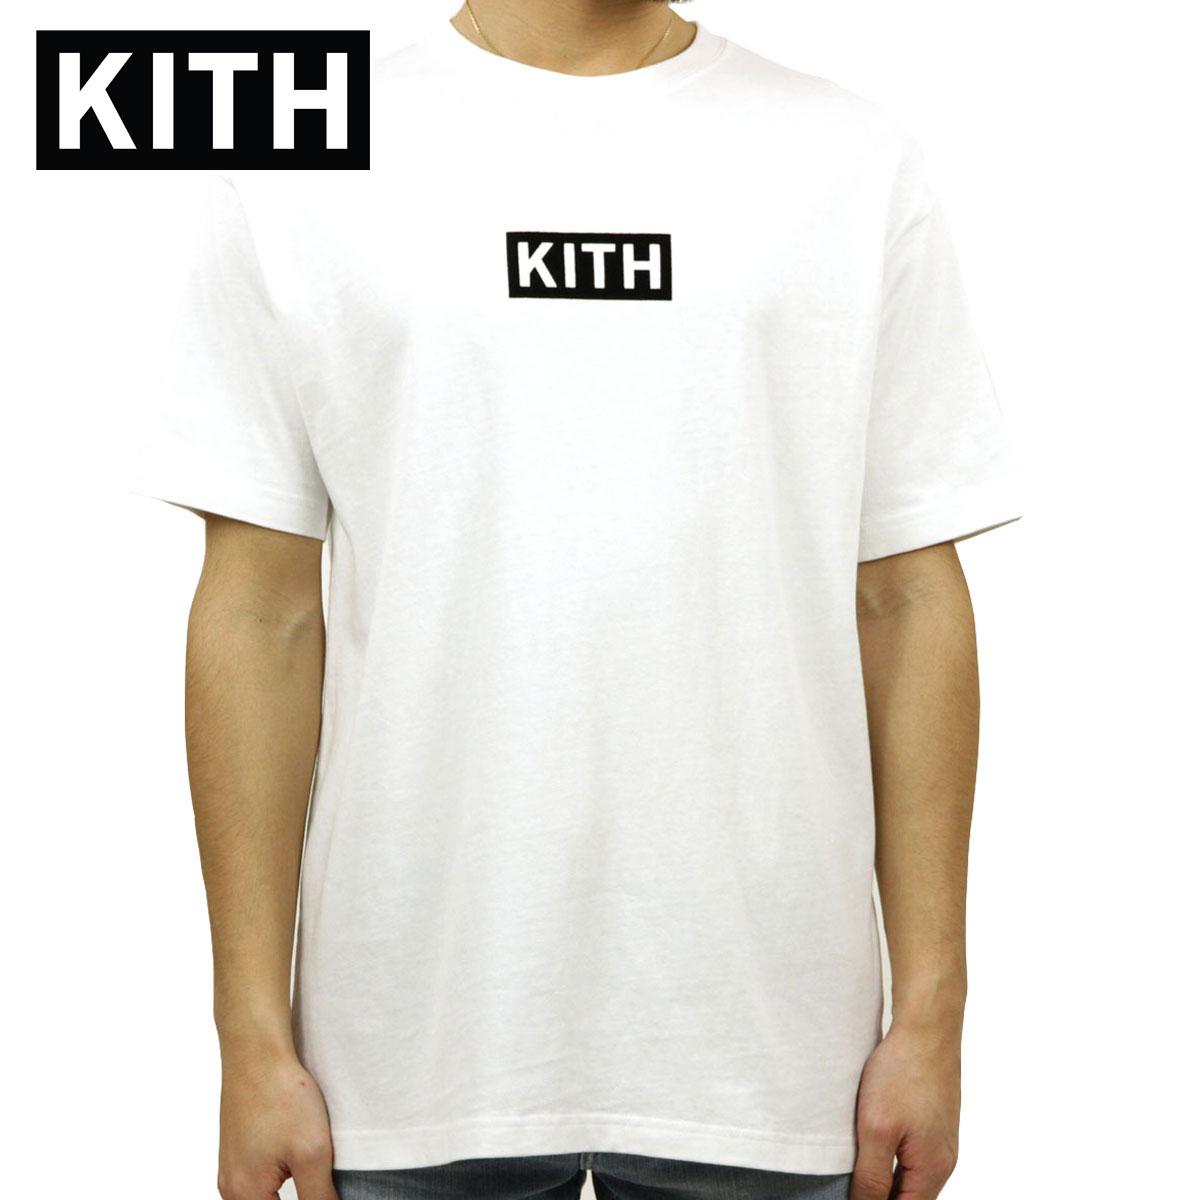 キス Tシャツ 正規品 KITH 半袖Tシャツ クルーネック ボックスロゴ KITH FLOCK BOX TEE KH3588-101 WHITE